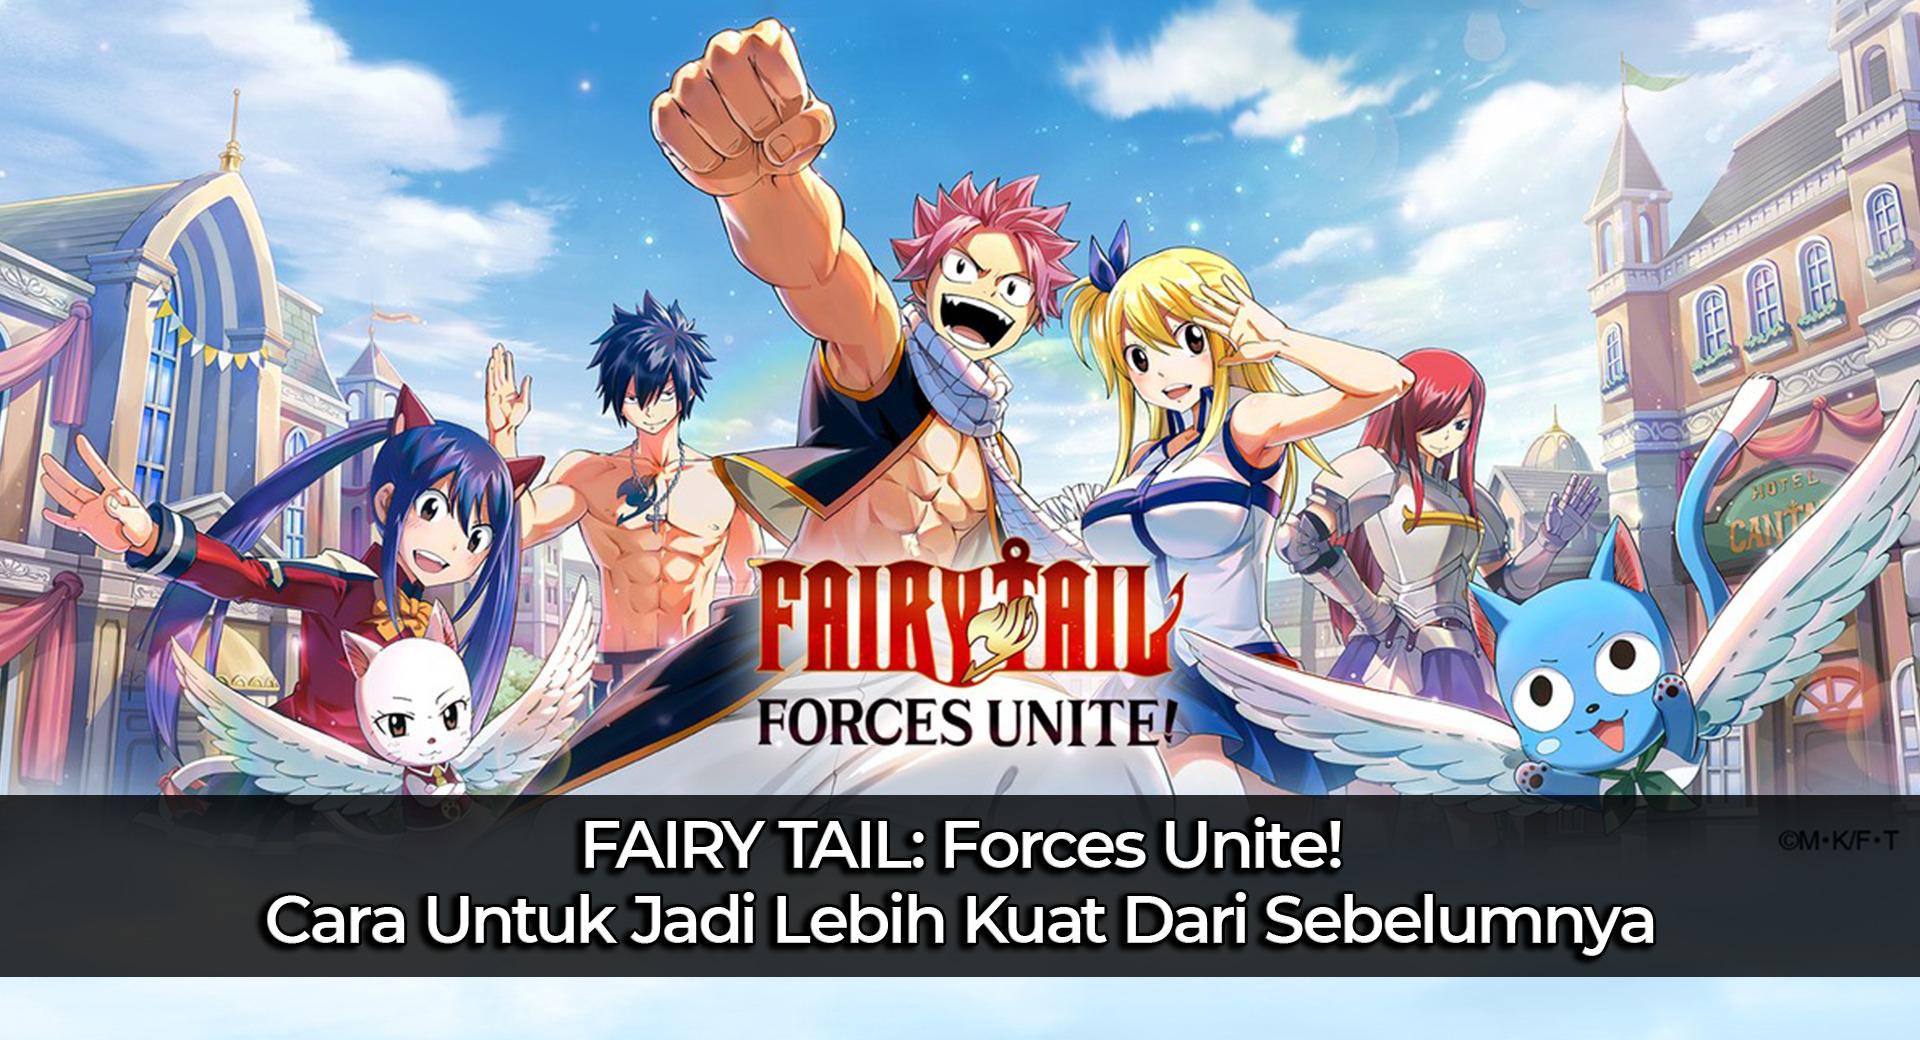 FAIRY TAIL: Forces Unite! Mau Lebih Kuat Dari Sebelumnya? Cek Artikel Ini